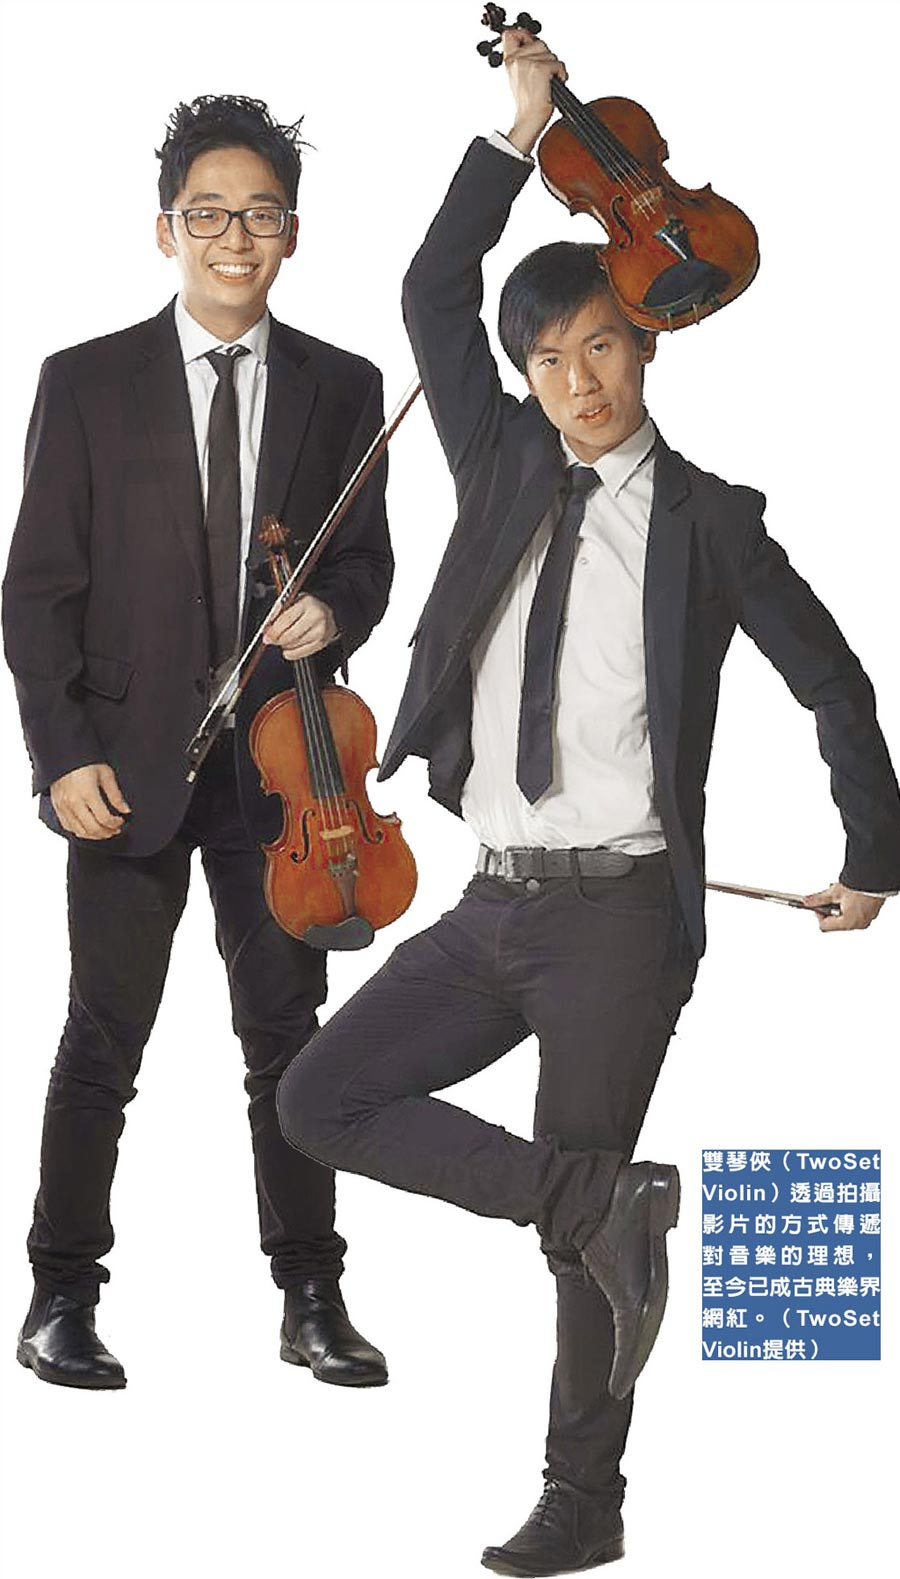 雙琴俠(TwoSet Violin)透過拍攝影片的方式傳遞對音樂的理想,至今已成古典樂界網紅。(TwoSet Violin提供)